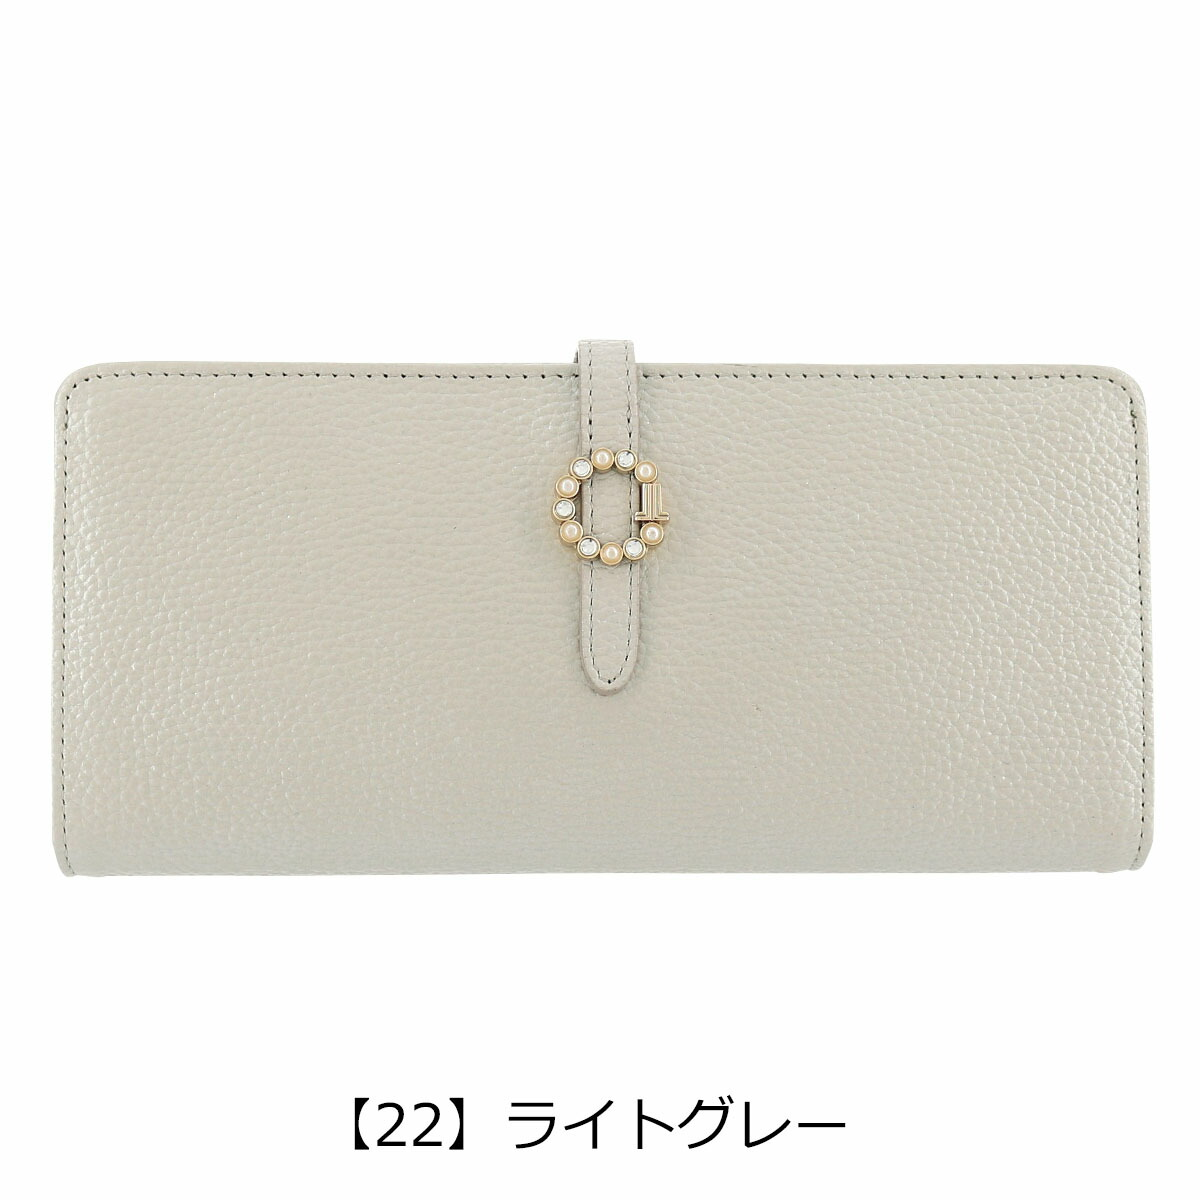 【22】ライトグレー